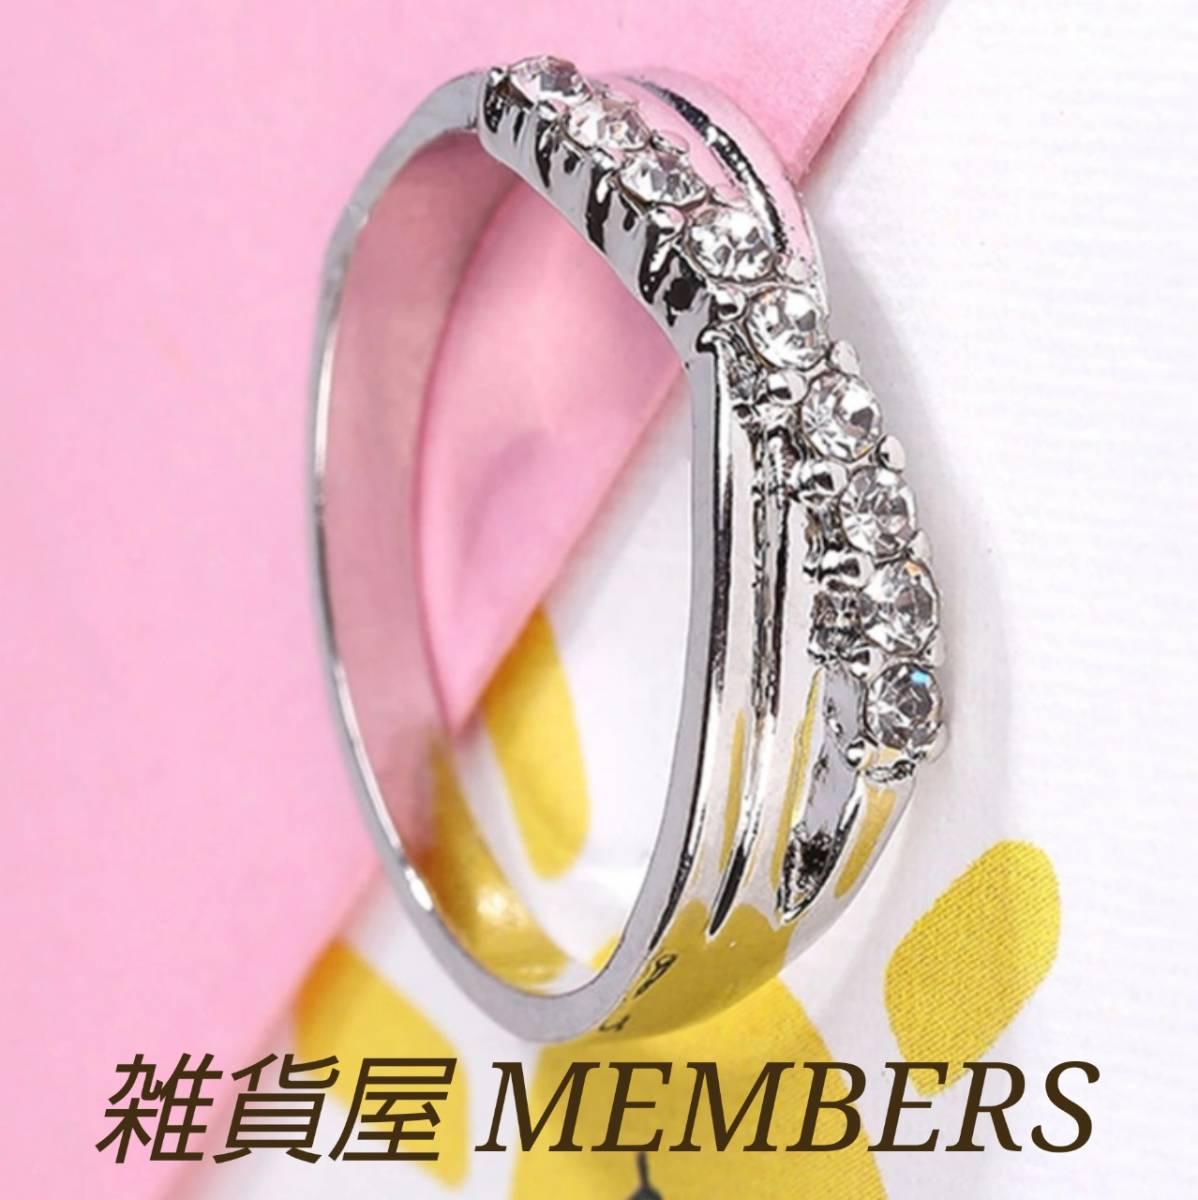 送料無料14号クロムシルバークリアスーパーCZダイヤモンドデザイナーズジュエリーインフィニティリング指輪値下げ残りわずか_画像2